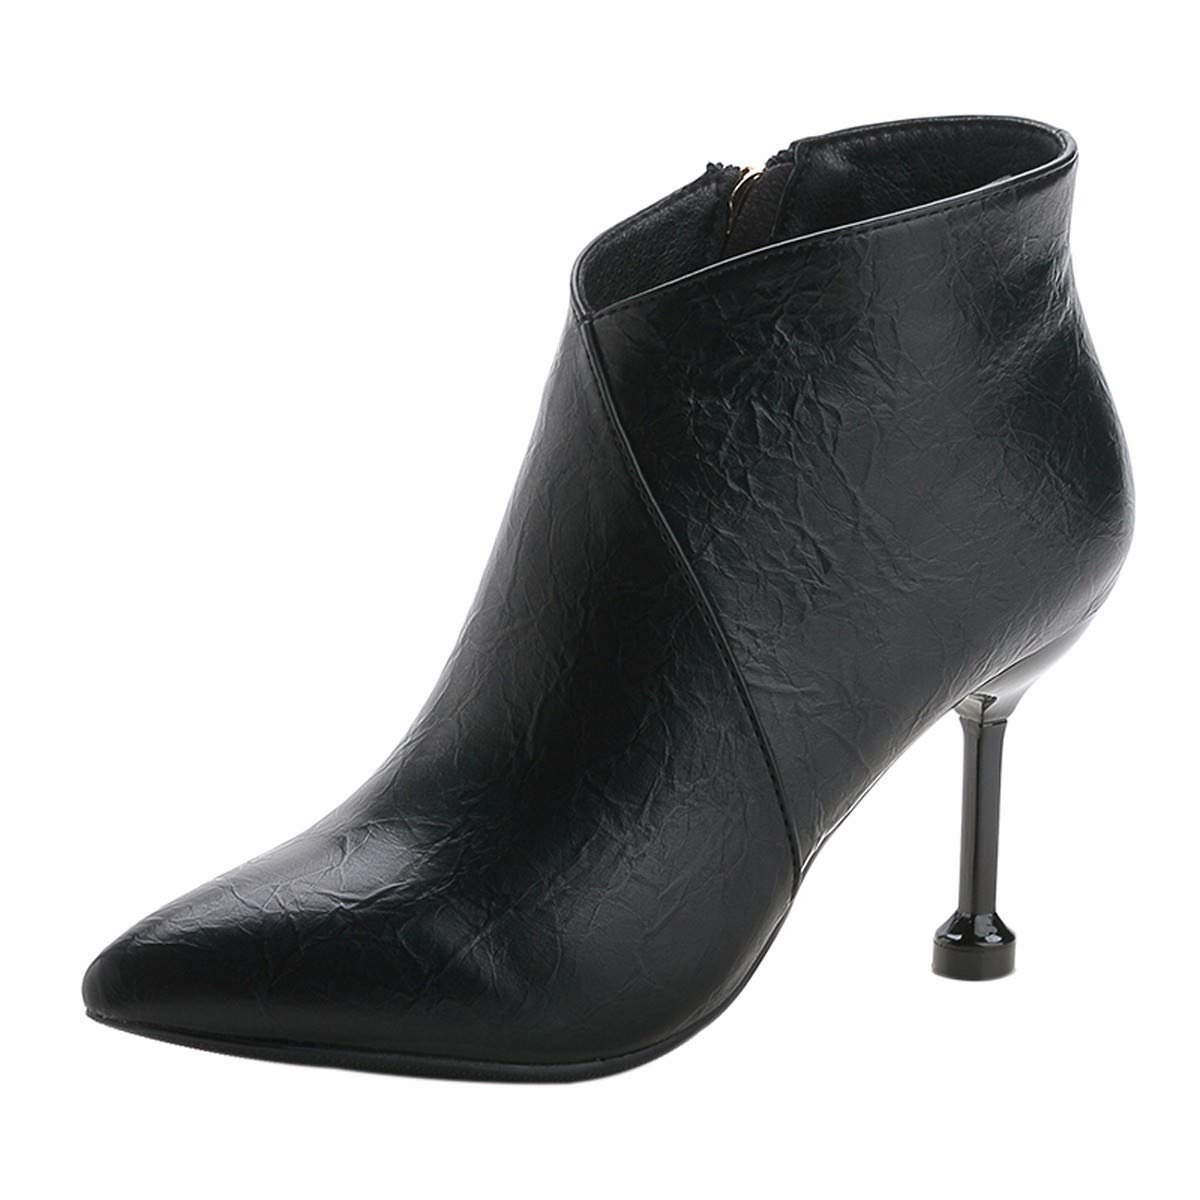 HBDLH Damenschuhe Komfortable Slim Bei 9Cm Heel Stiefel Spitze 100 100 100 - Sets Samt Martin Stiefel b2ba56